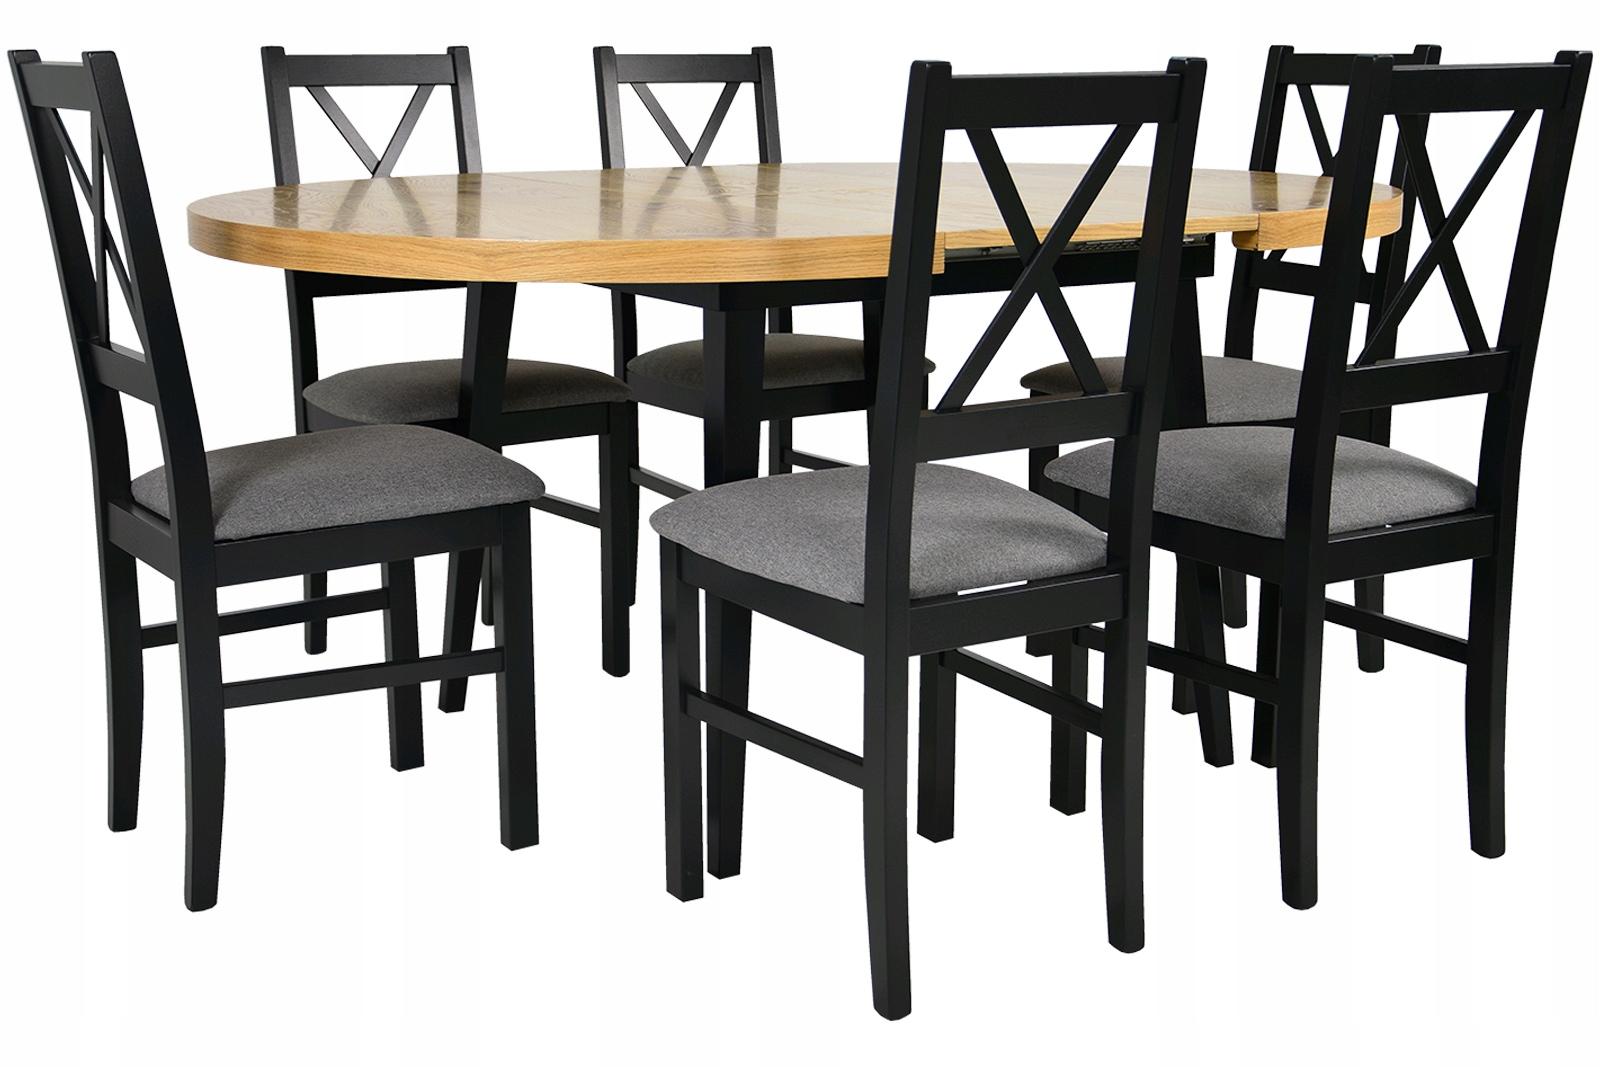 120/165 stôl so 6 stoličkami dubového DREVA dosky